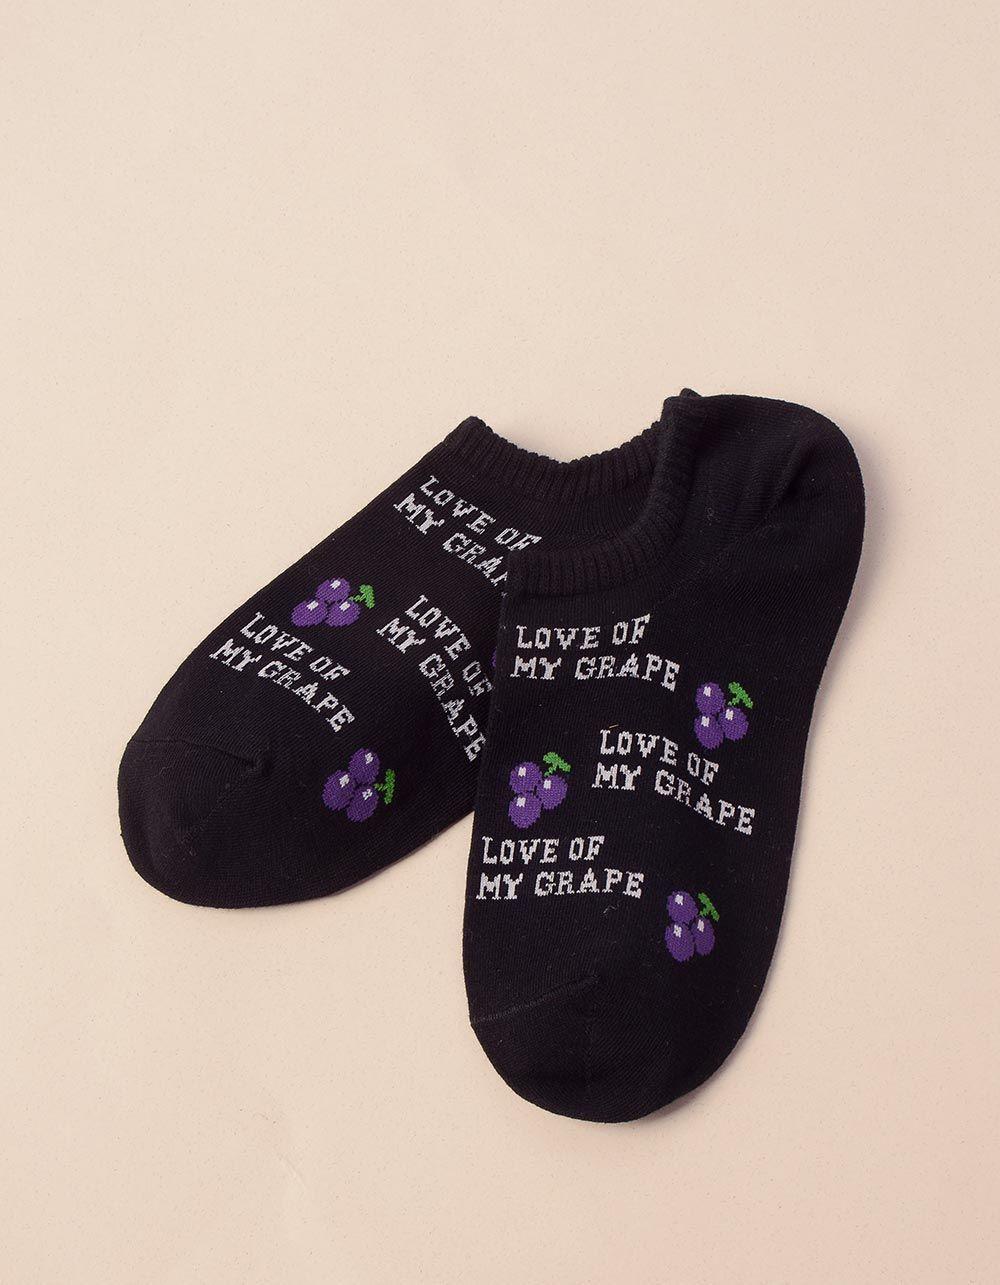 Шкарпетки з принтом фруктів | 241090-02-XX